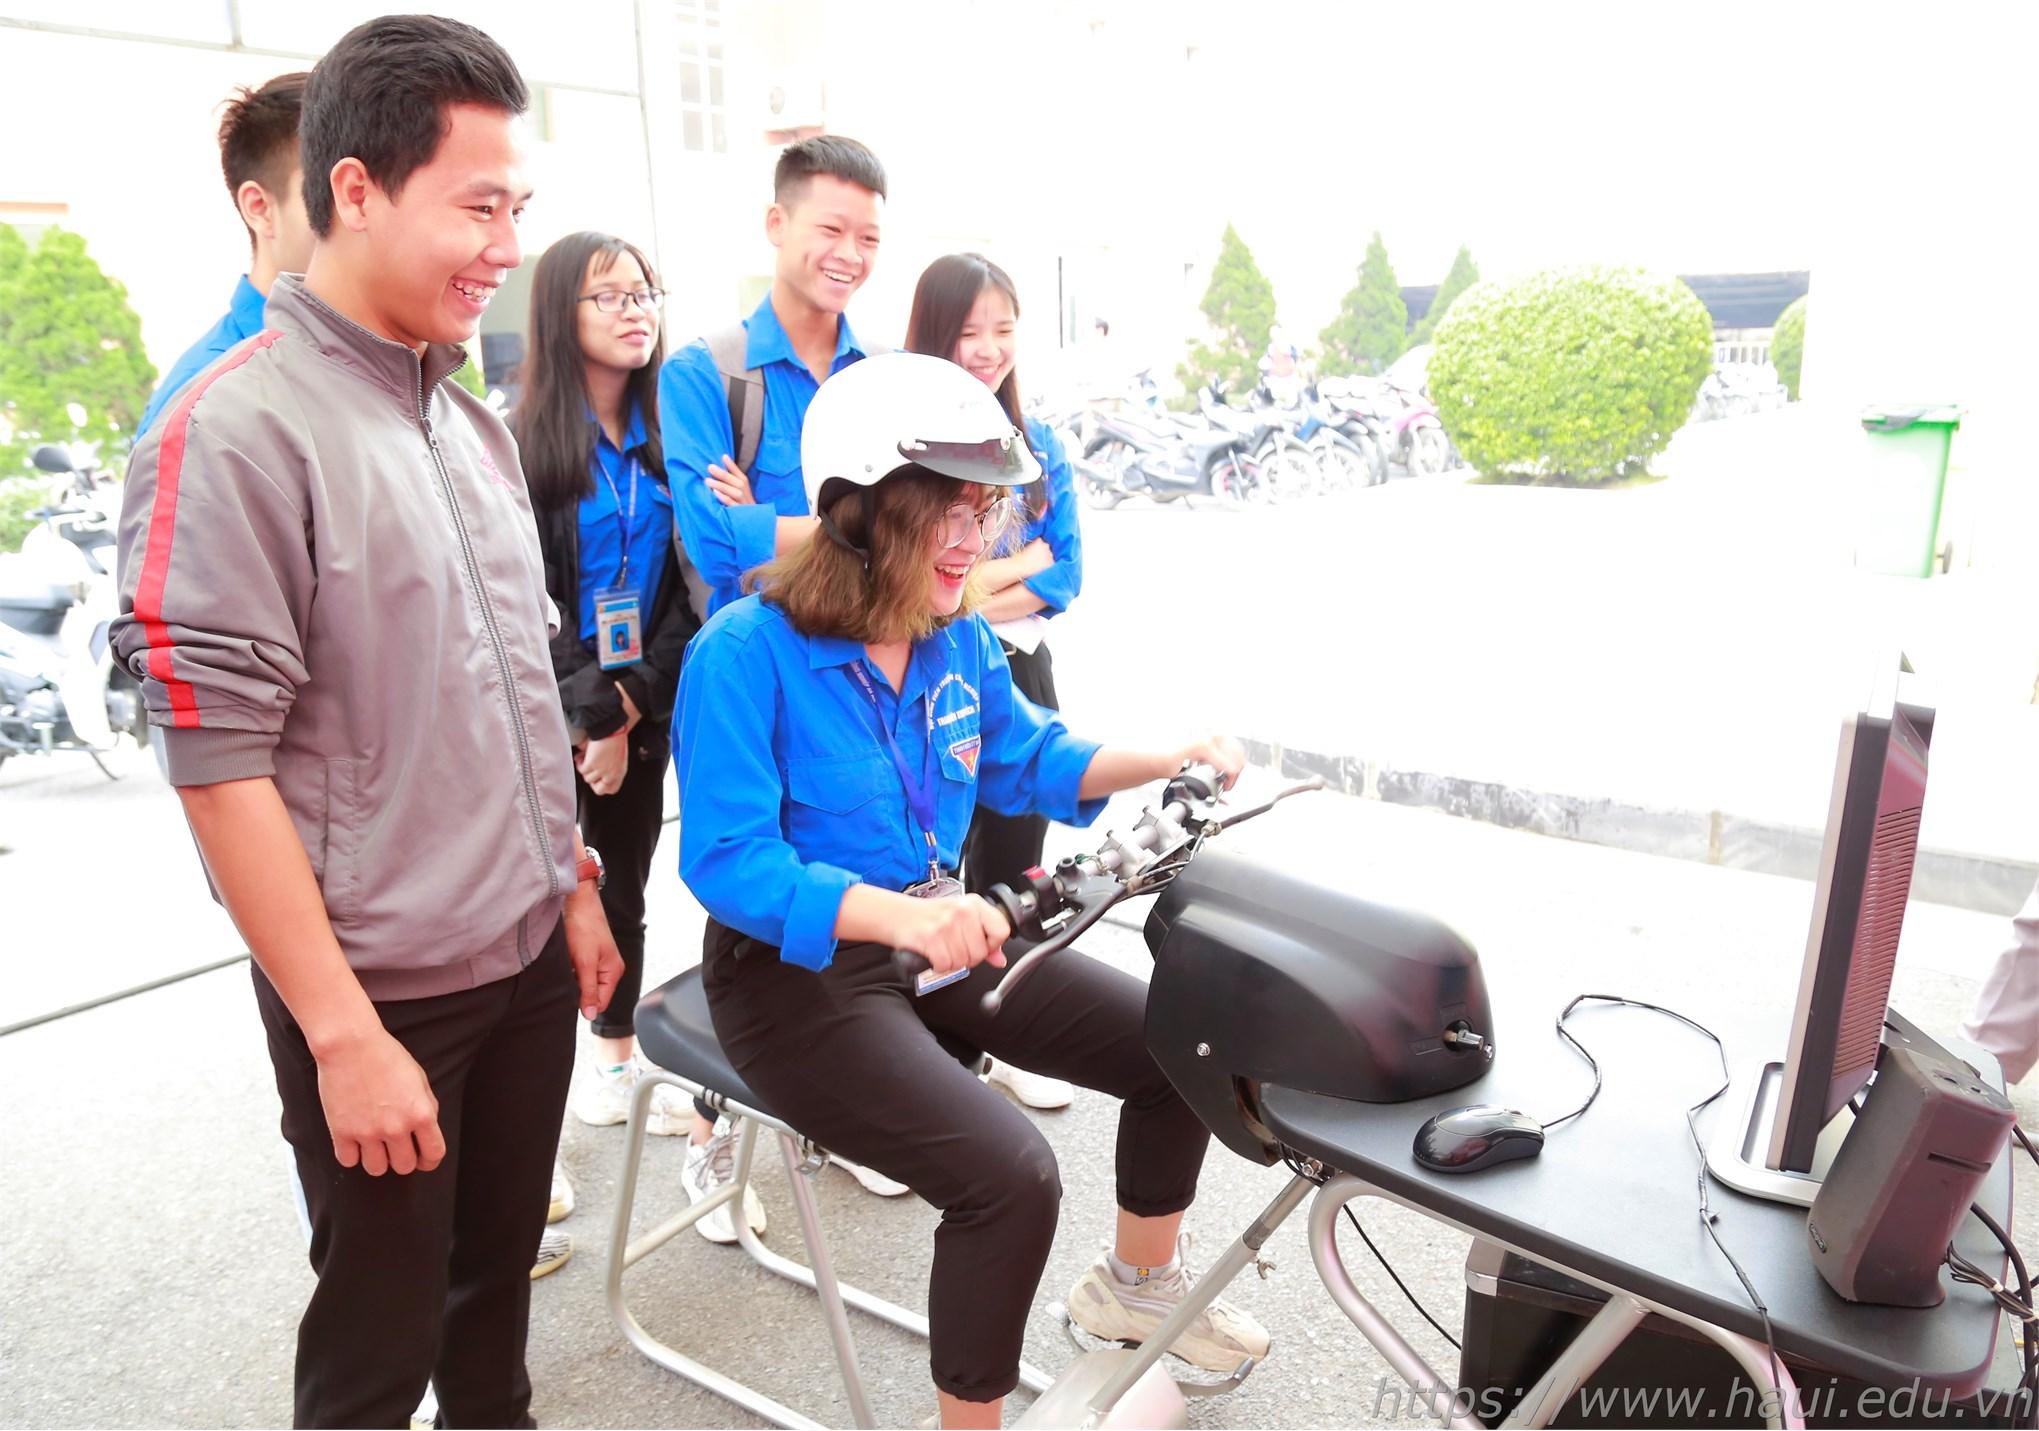 Sinh viên tham dự trò chơi thực hành lái xe bằng mô hình